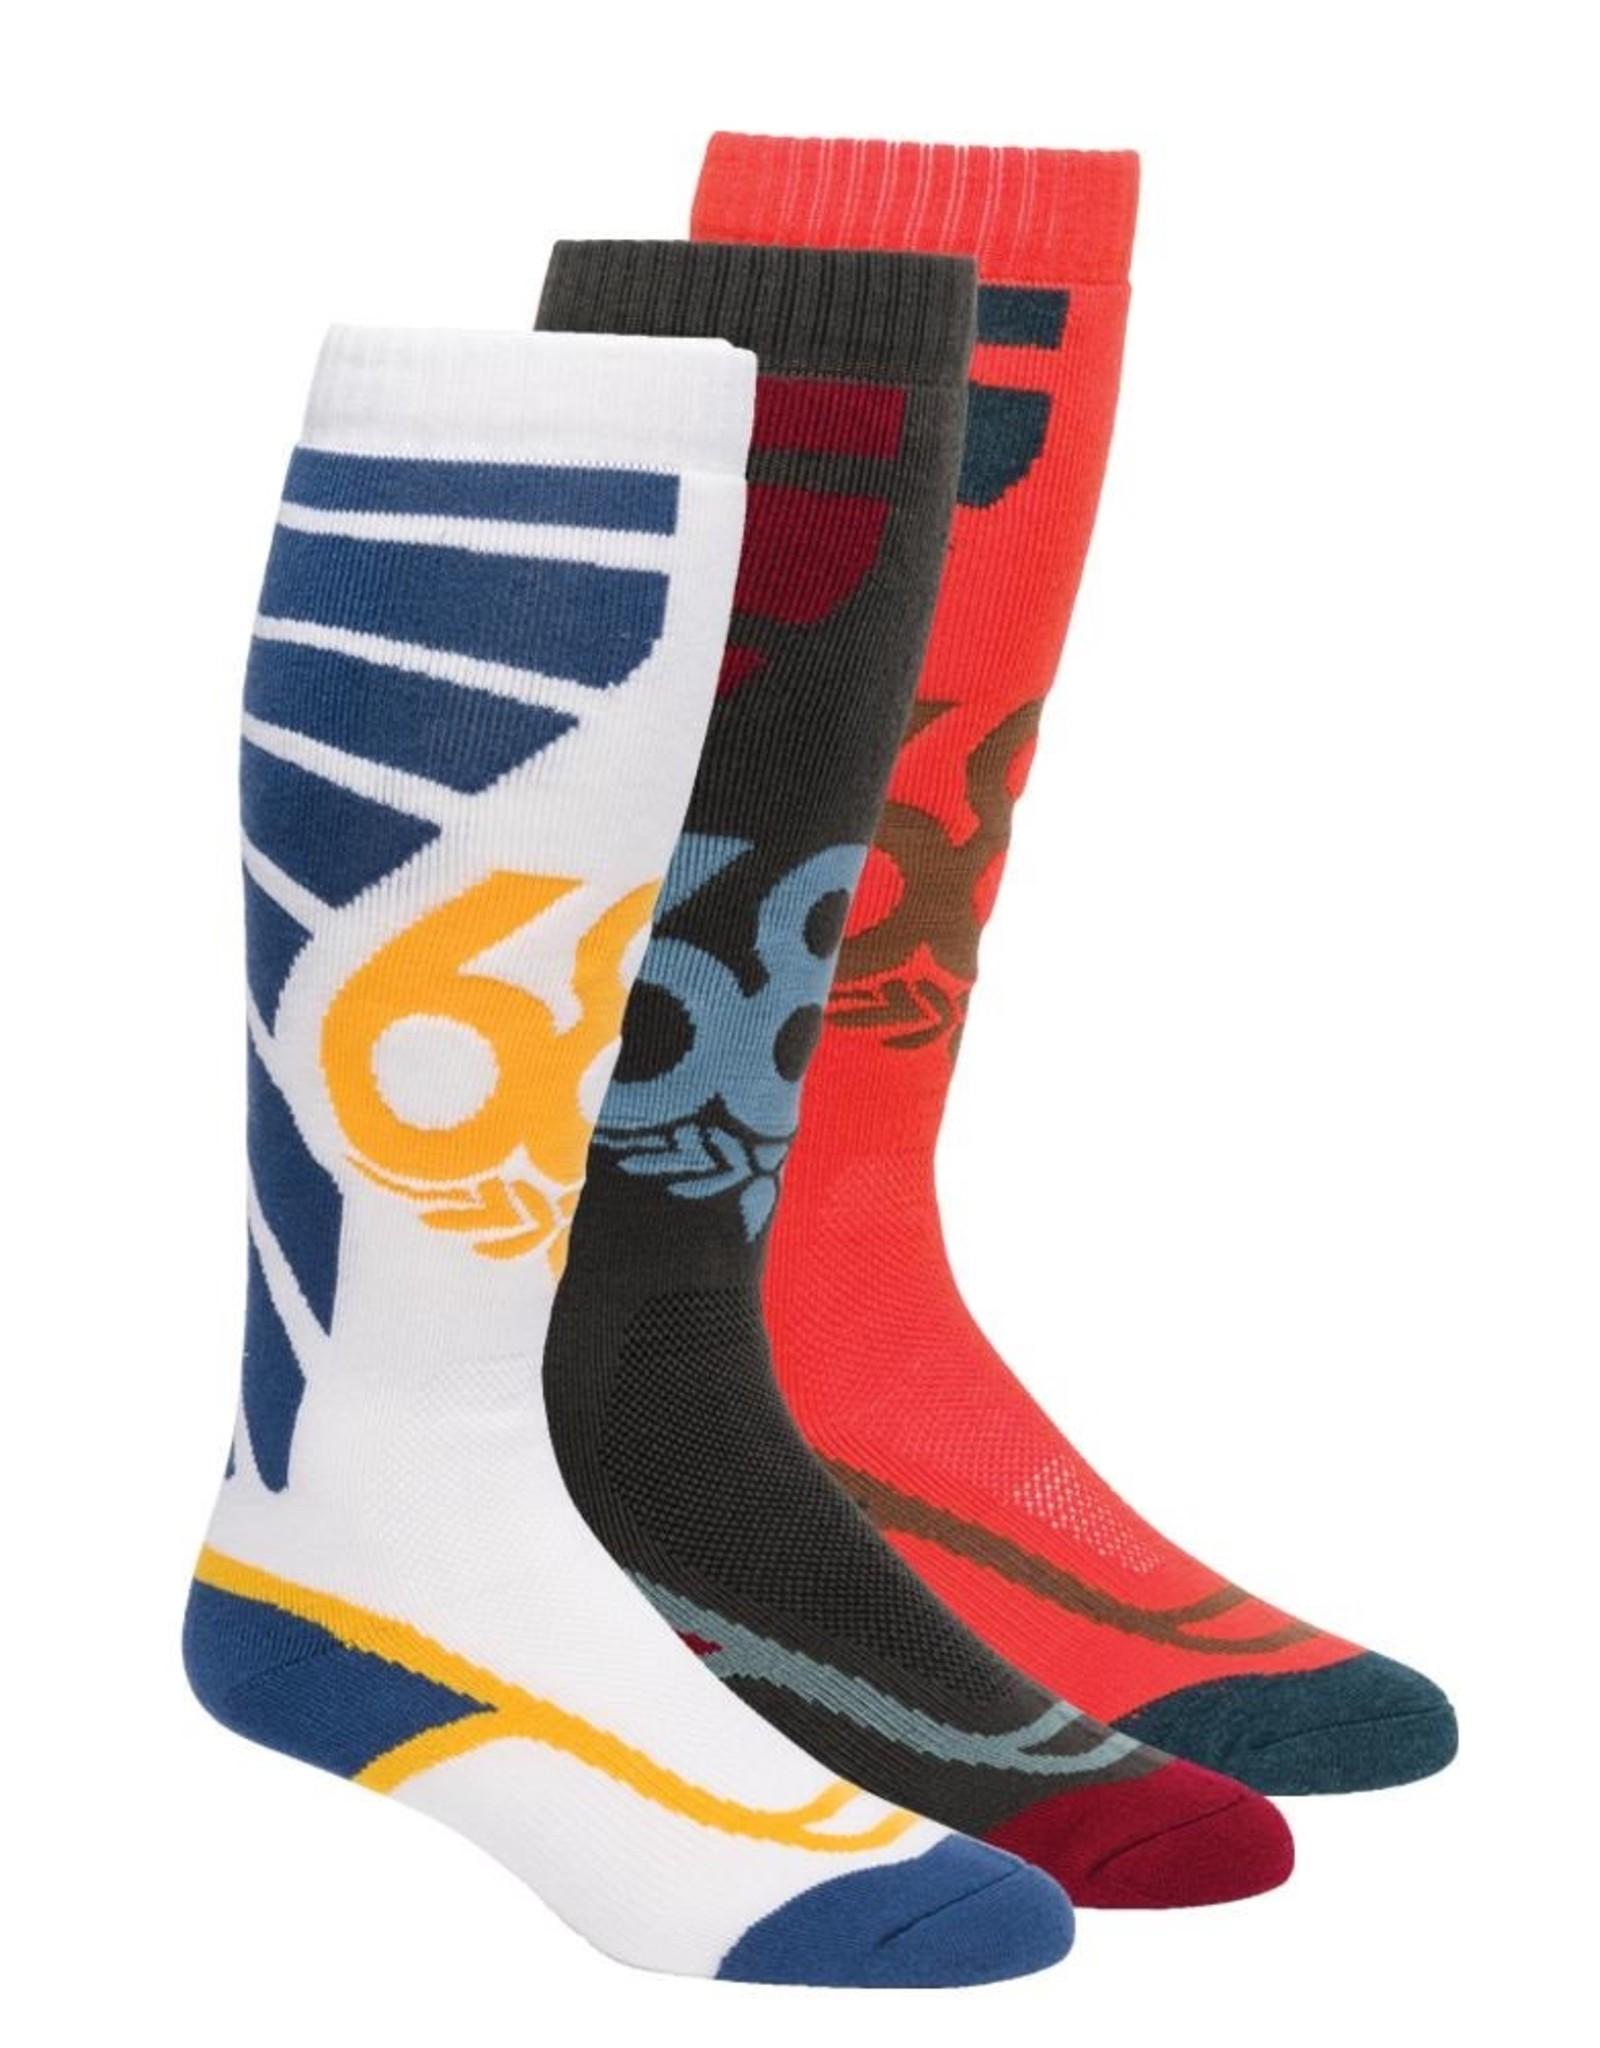 686 Men's Strike Sock 3-Pack